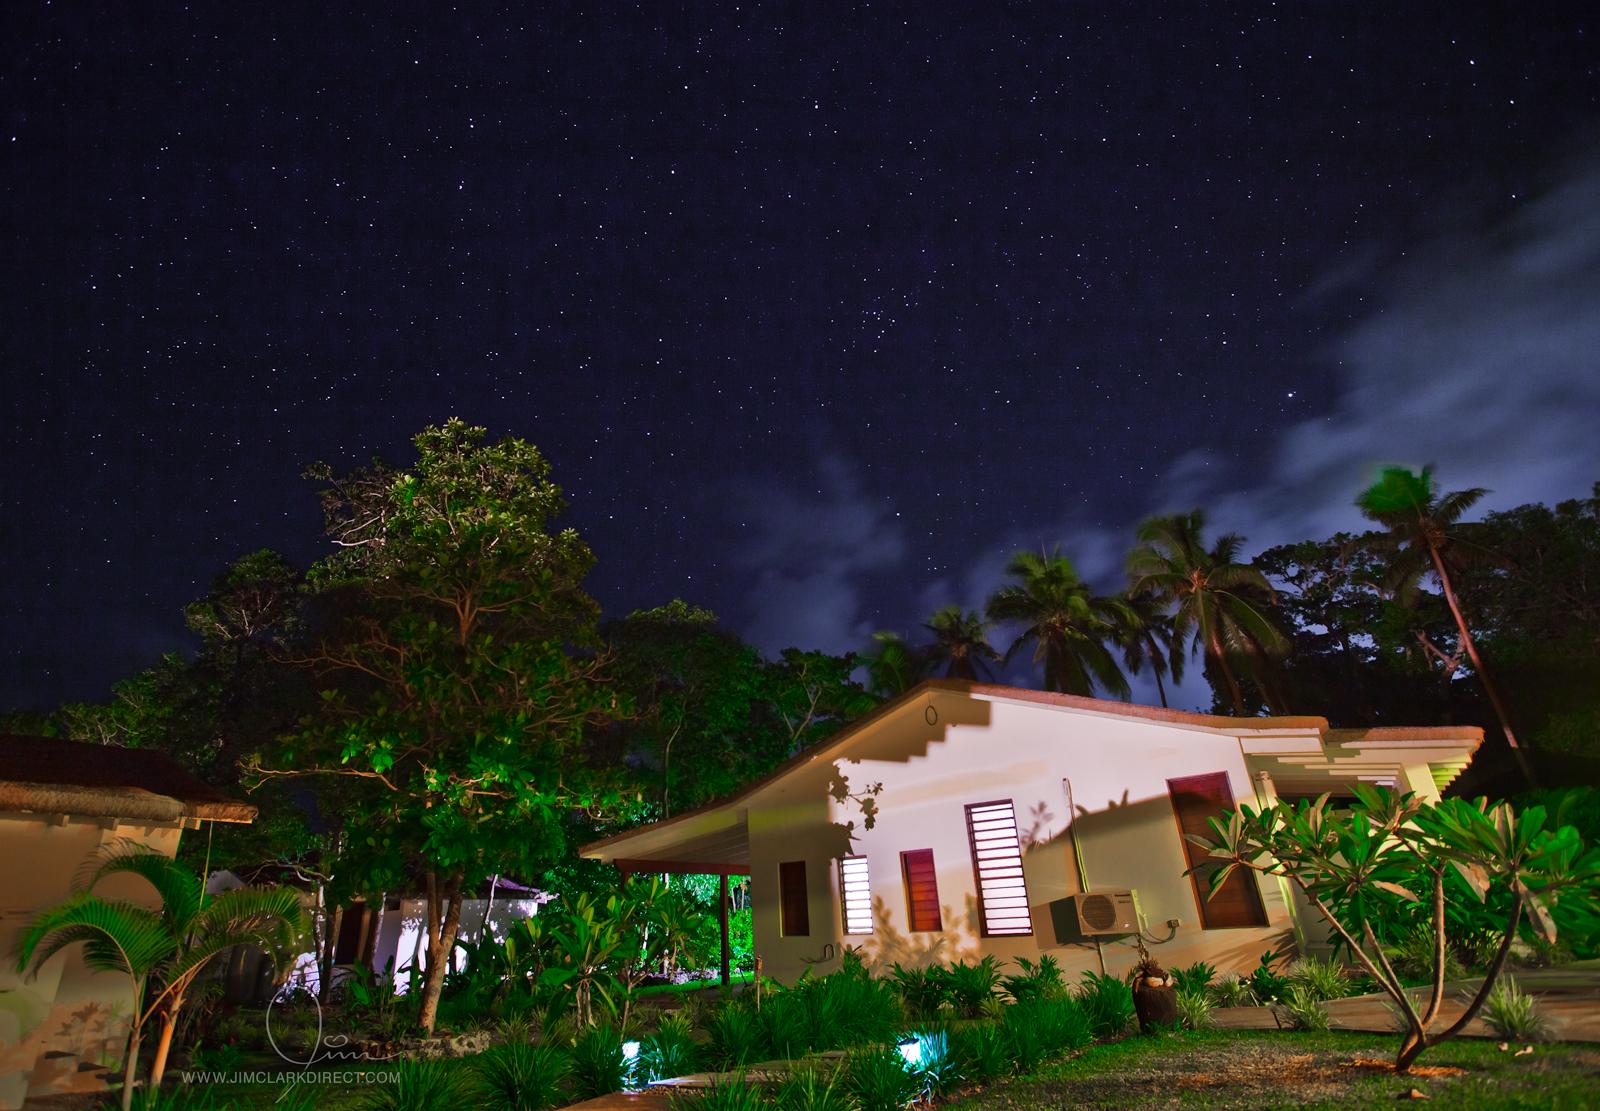 NIGHT SKY ABOVE ANGELFISH COVE